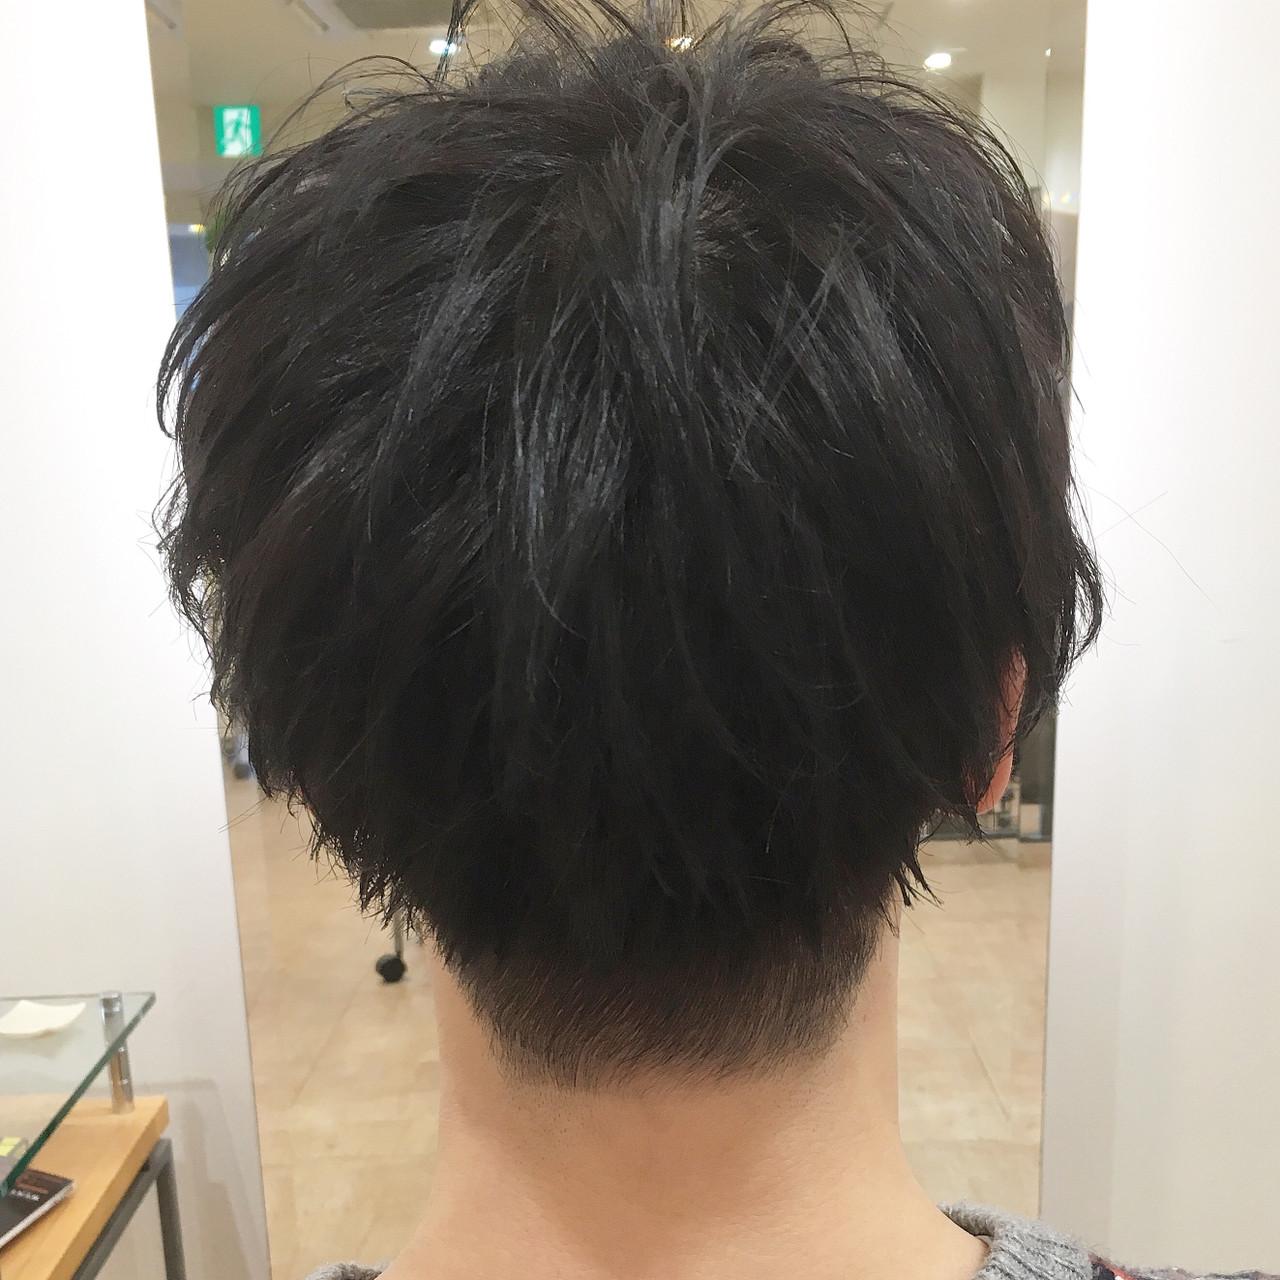 メンズショート マッシュ 刈り上げ メンズ ヘアスタイルや髪型の写真・画像 | 平本 詠一 / fabris